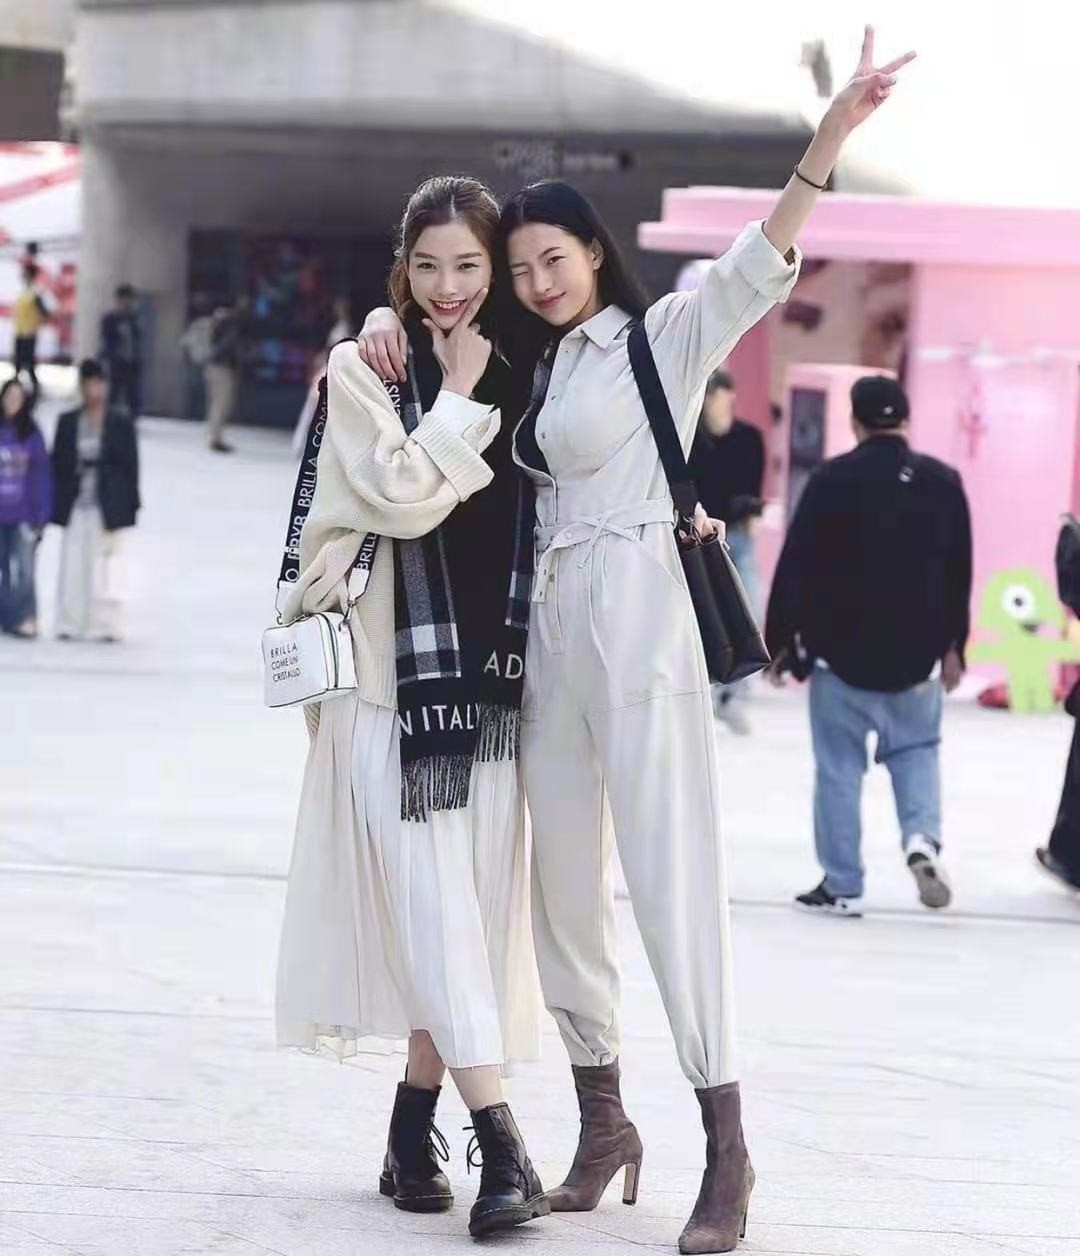 還是韓國街拍最自然,一點也不辣眼睛!穿搭簡約時尚值得借鏡 形象穿搭 第5張